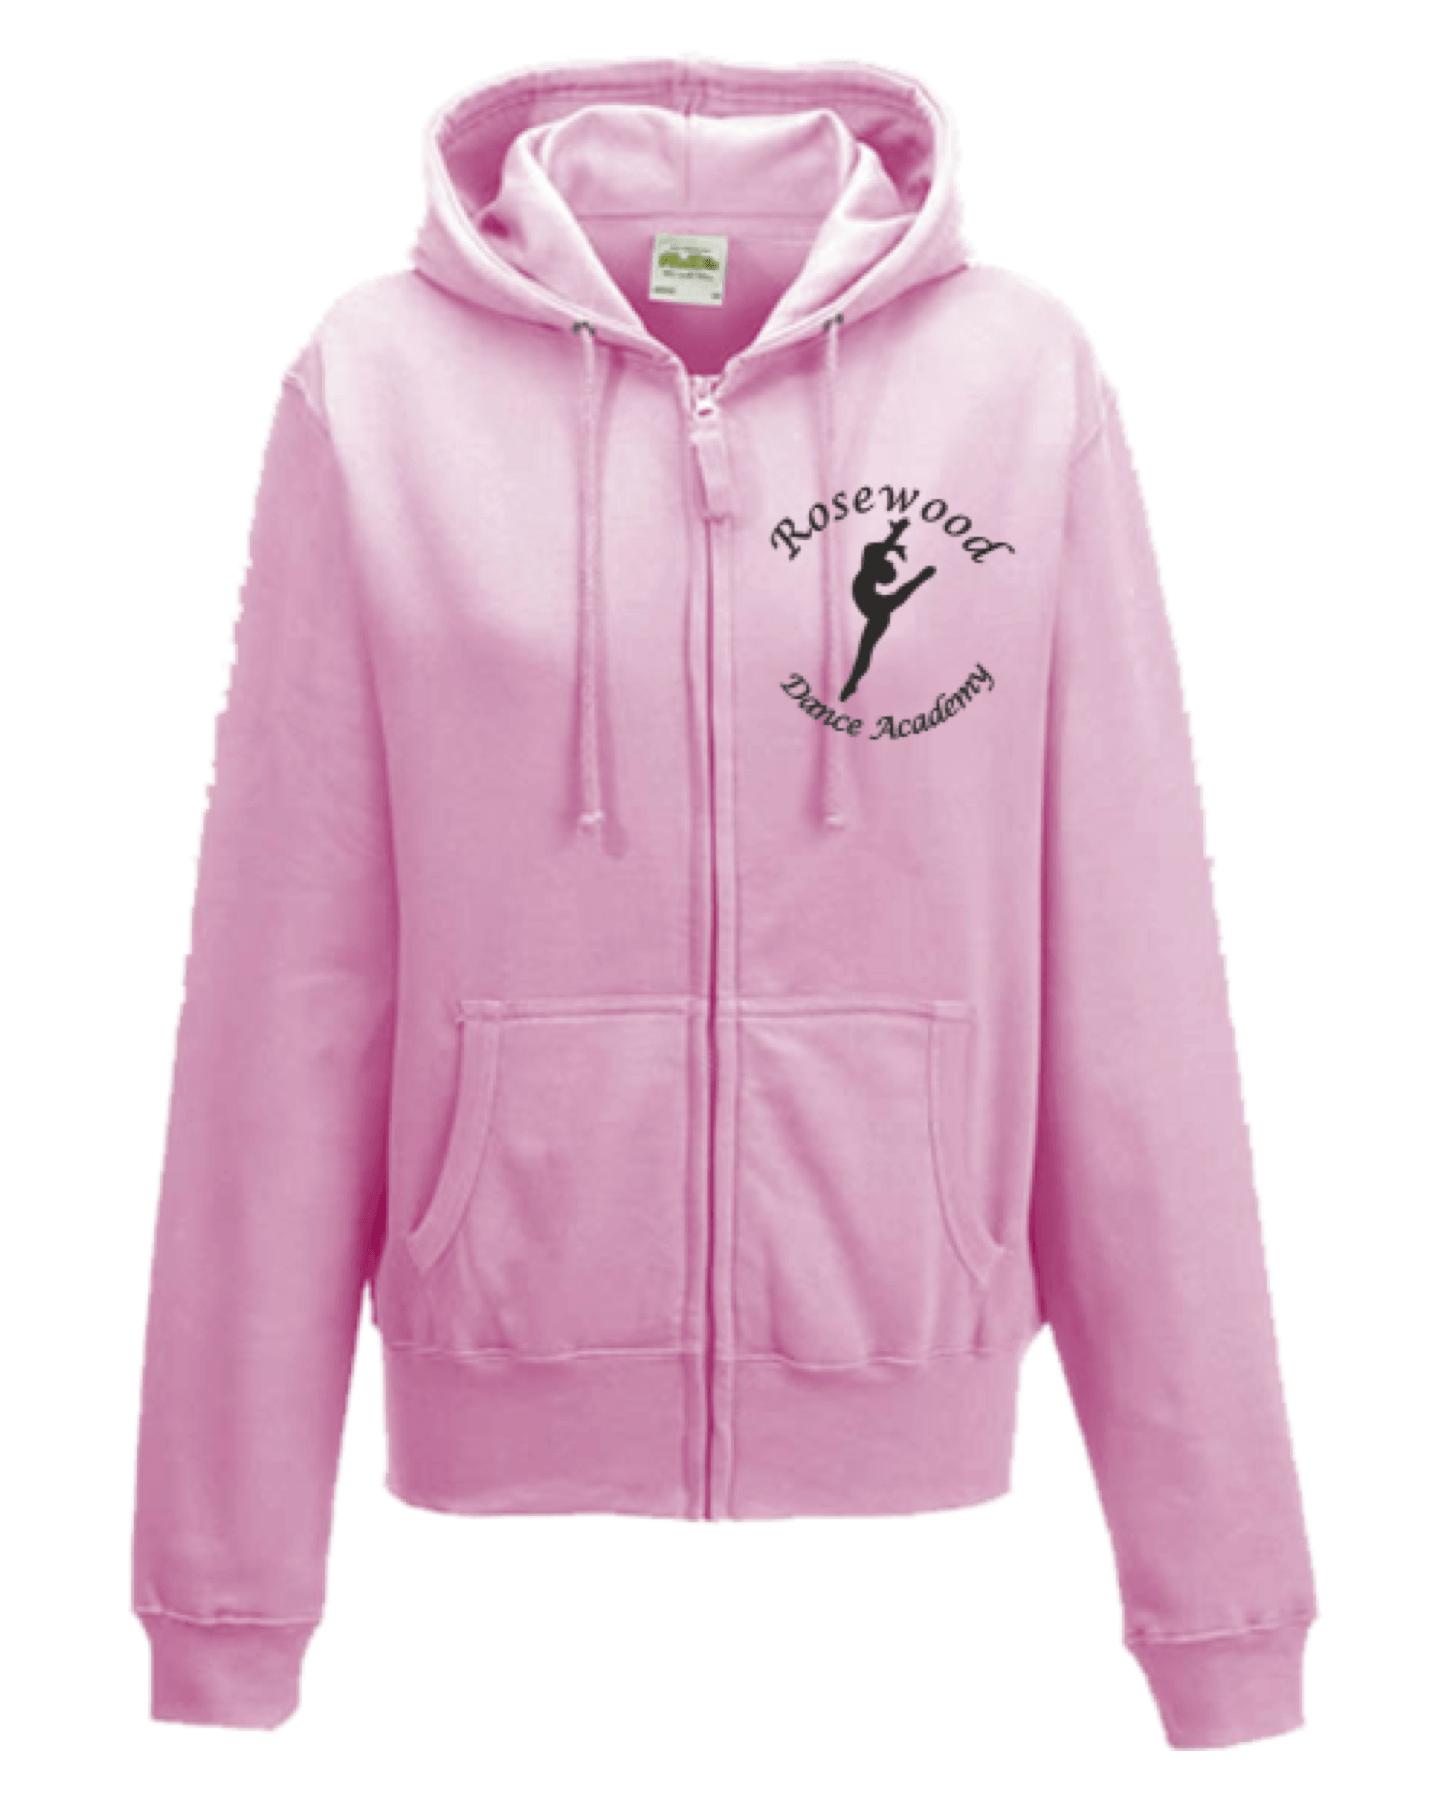 Rosewood Zip Up Hoodie Baby Pink – Adult